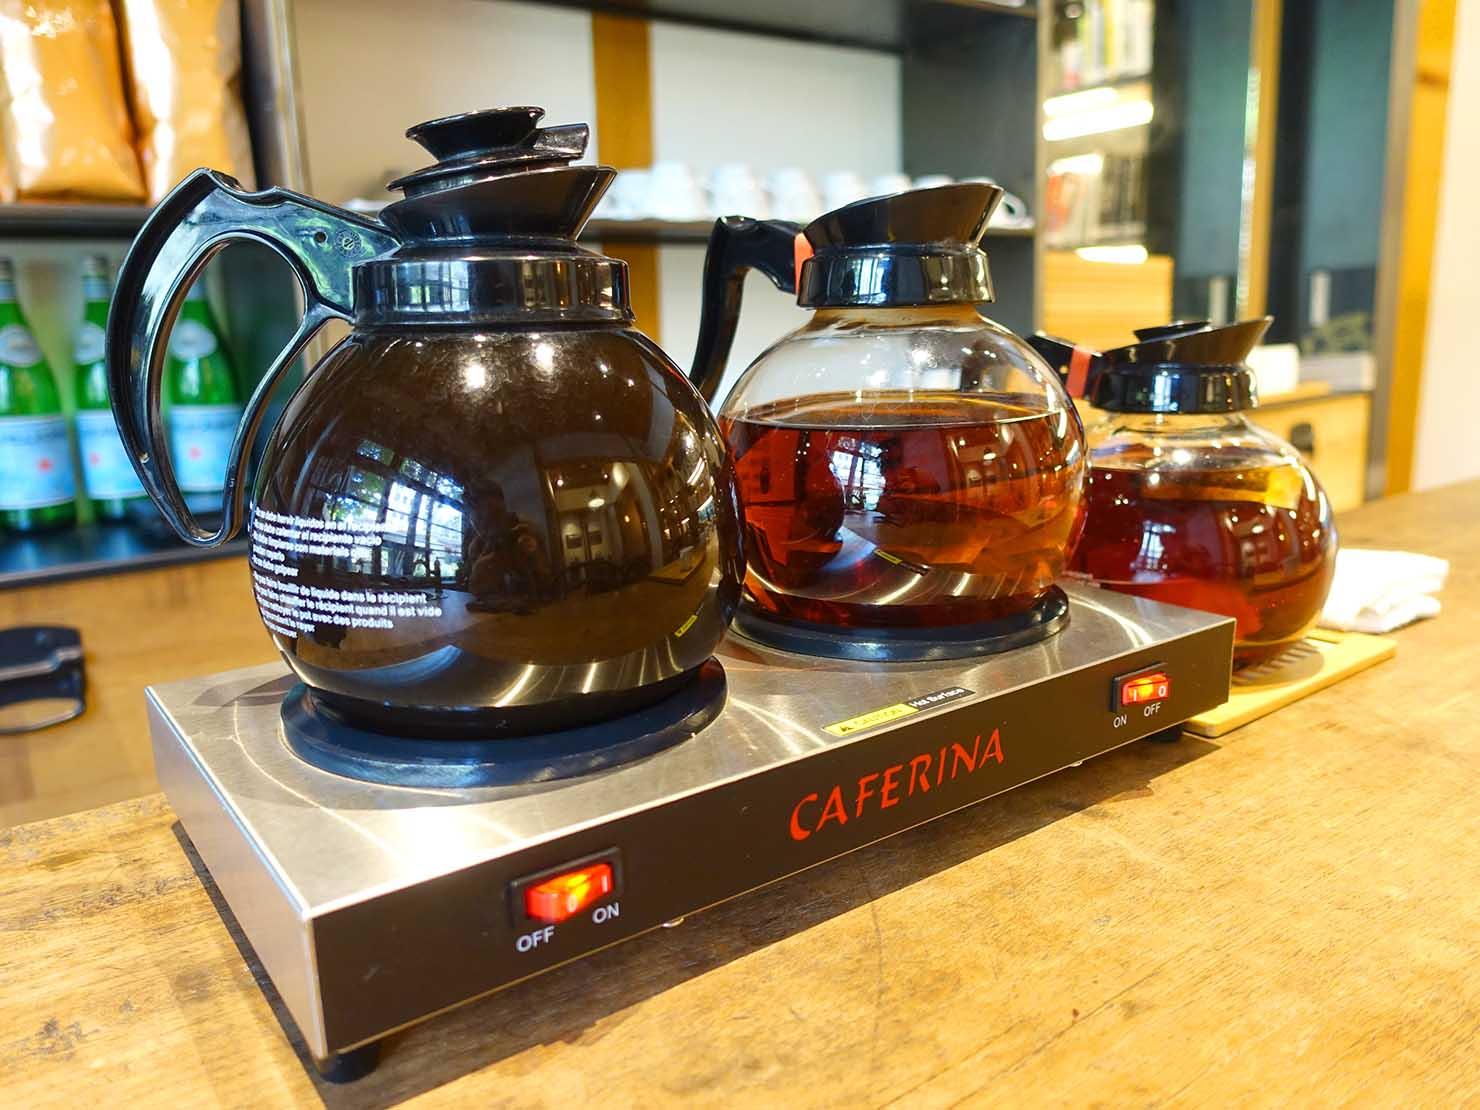 台北の街に佇む日本式古民家の図書館「文房 Chapter」のダイニングスペースに置かれたコーヒーと紅茶